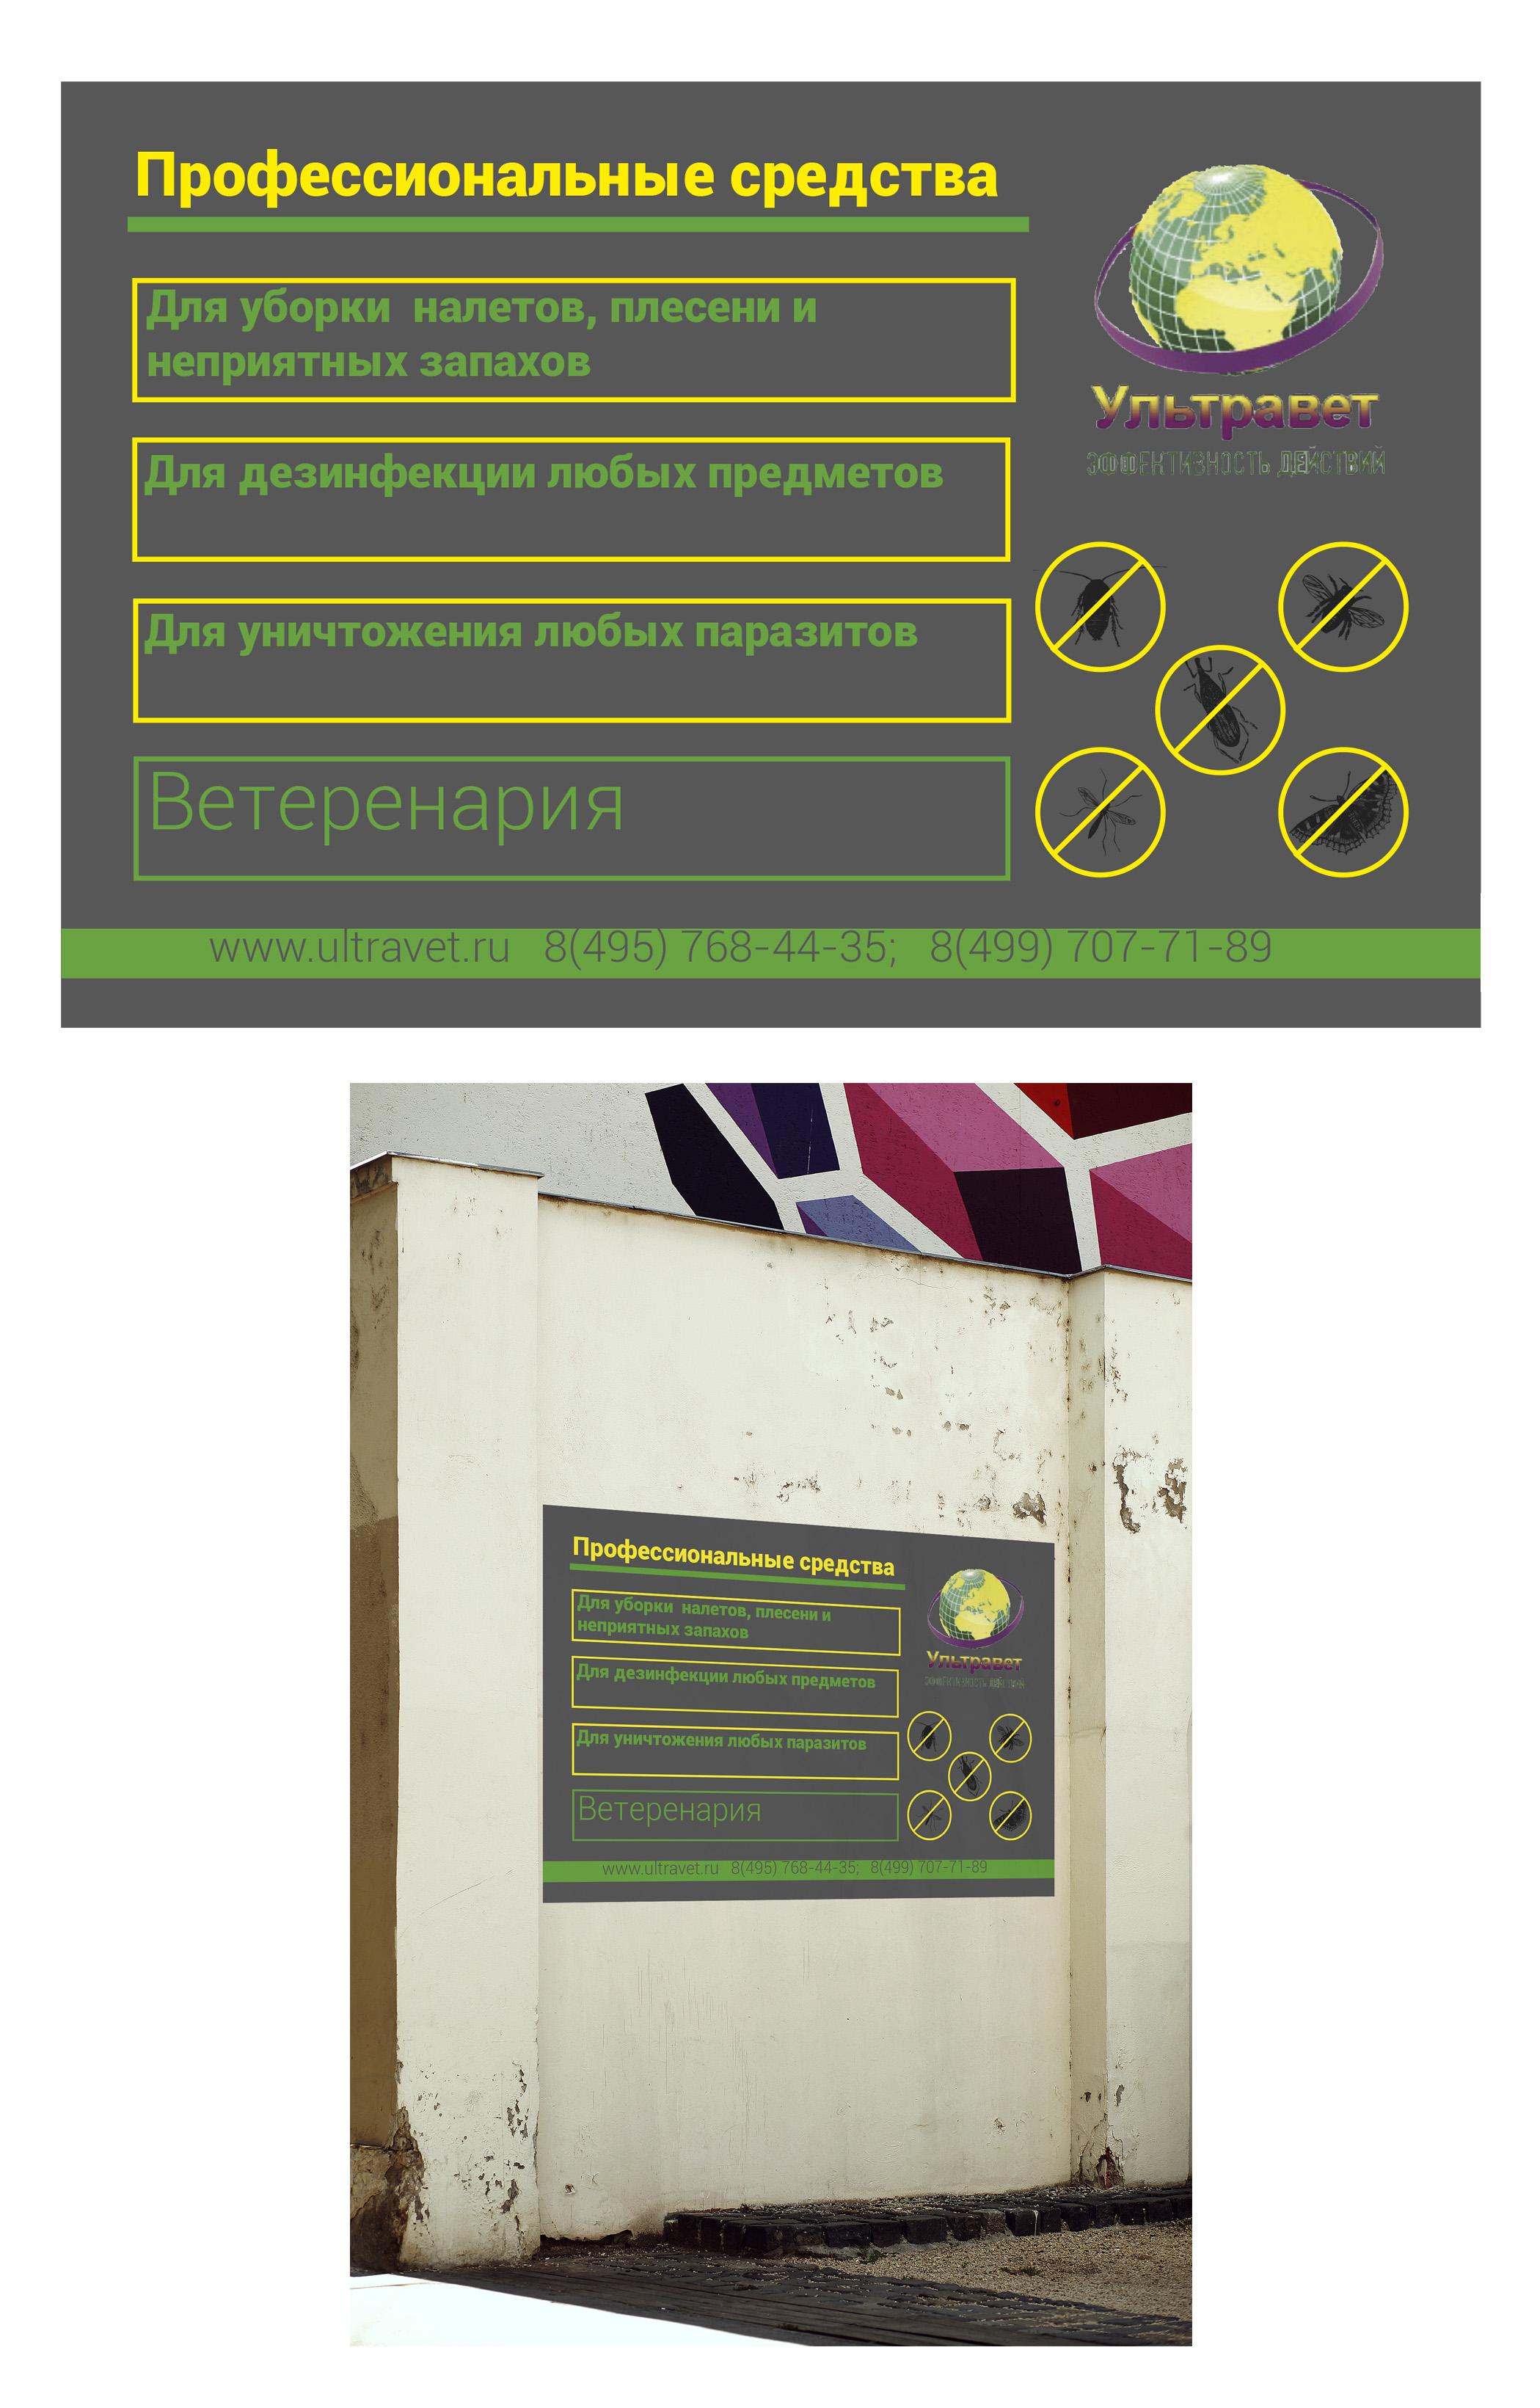 Придумайте дизайн плаката. фото f_4805449c50fb0136.jpg